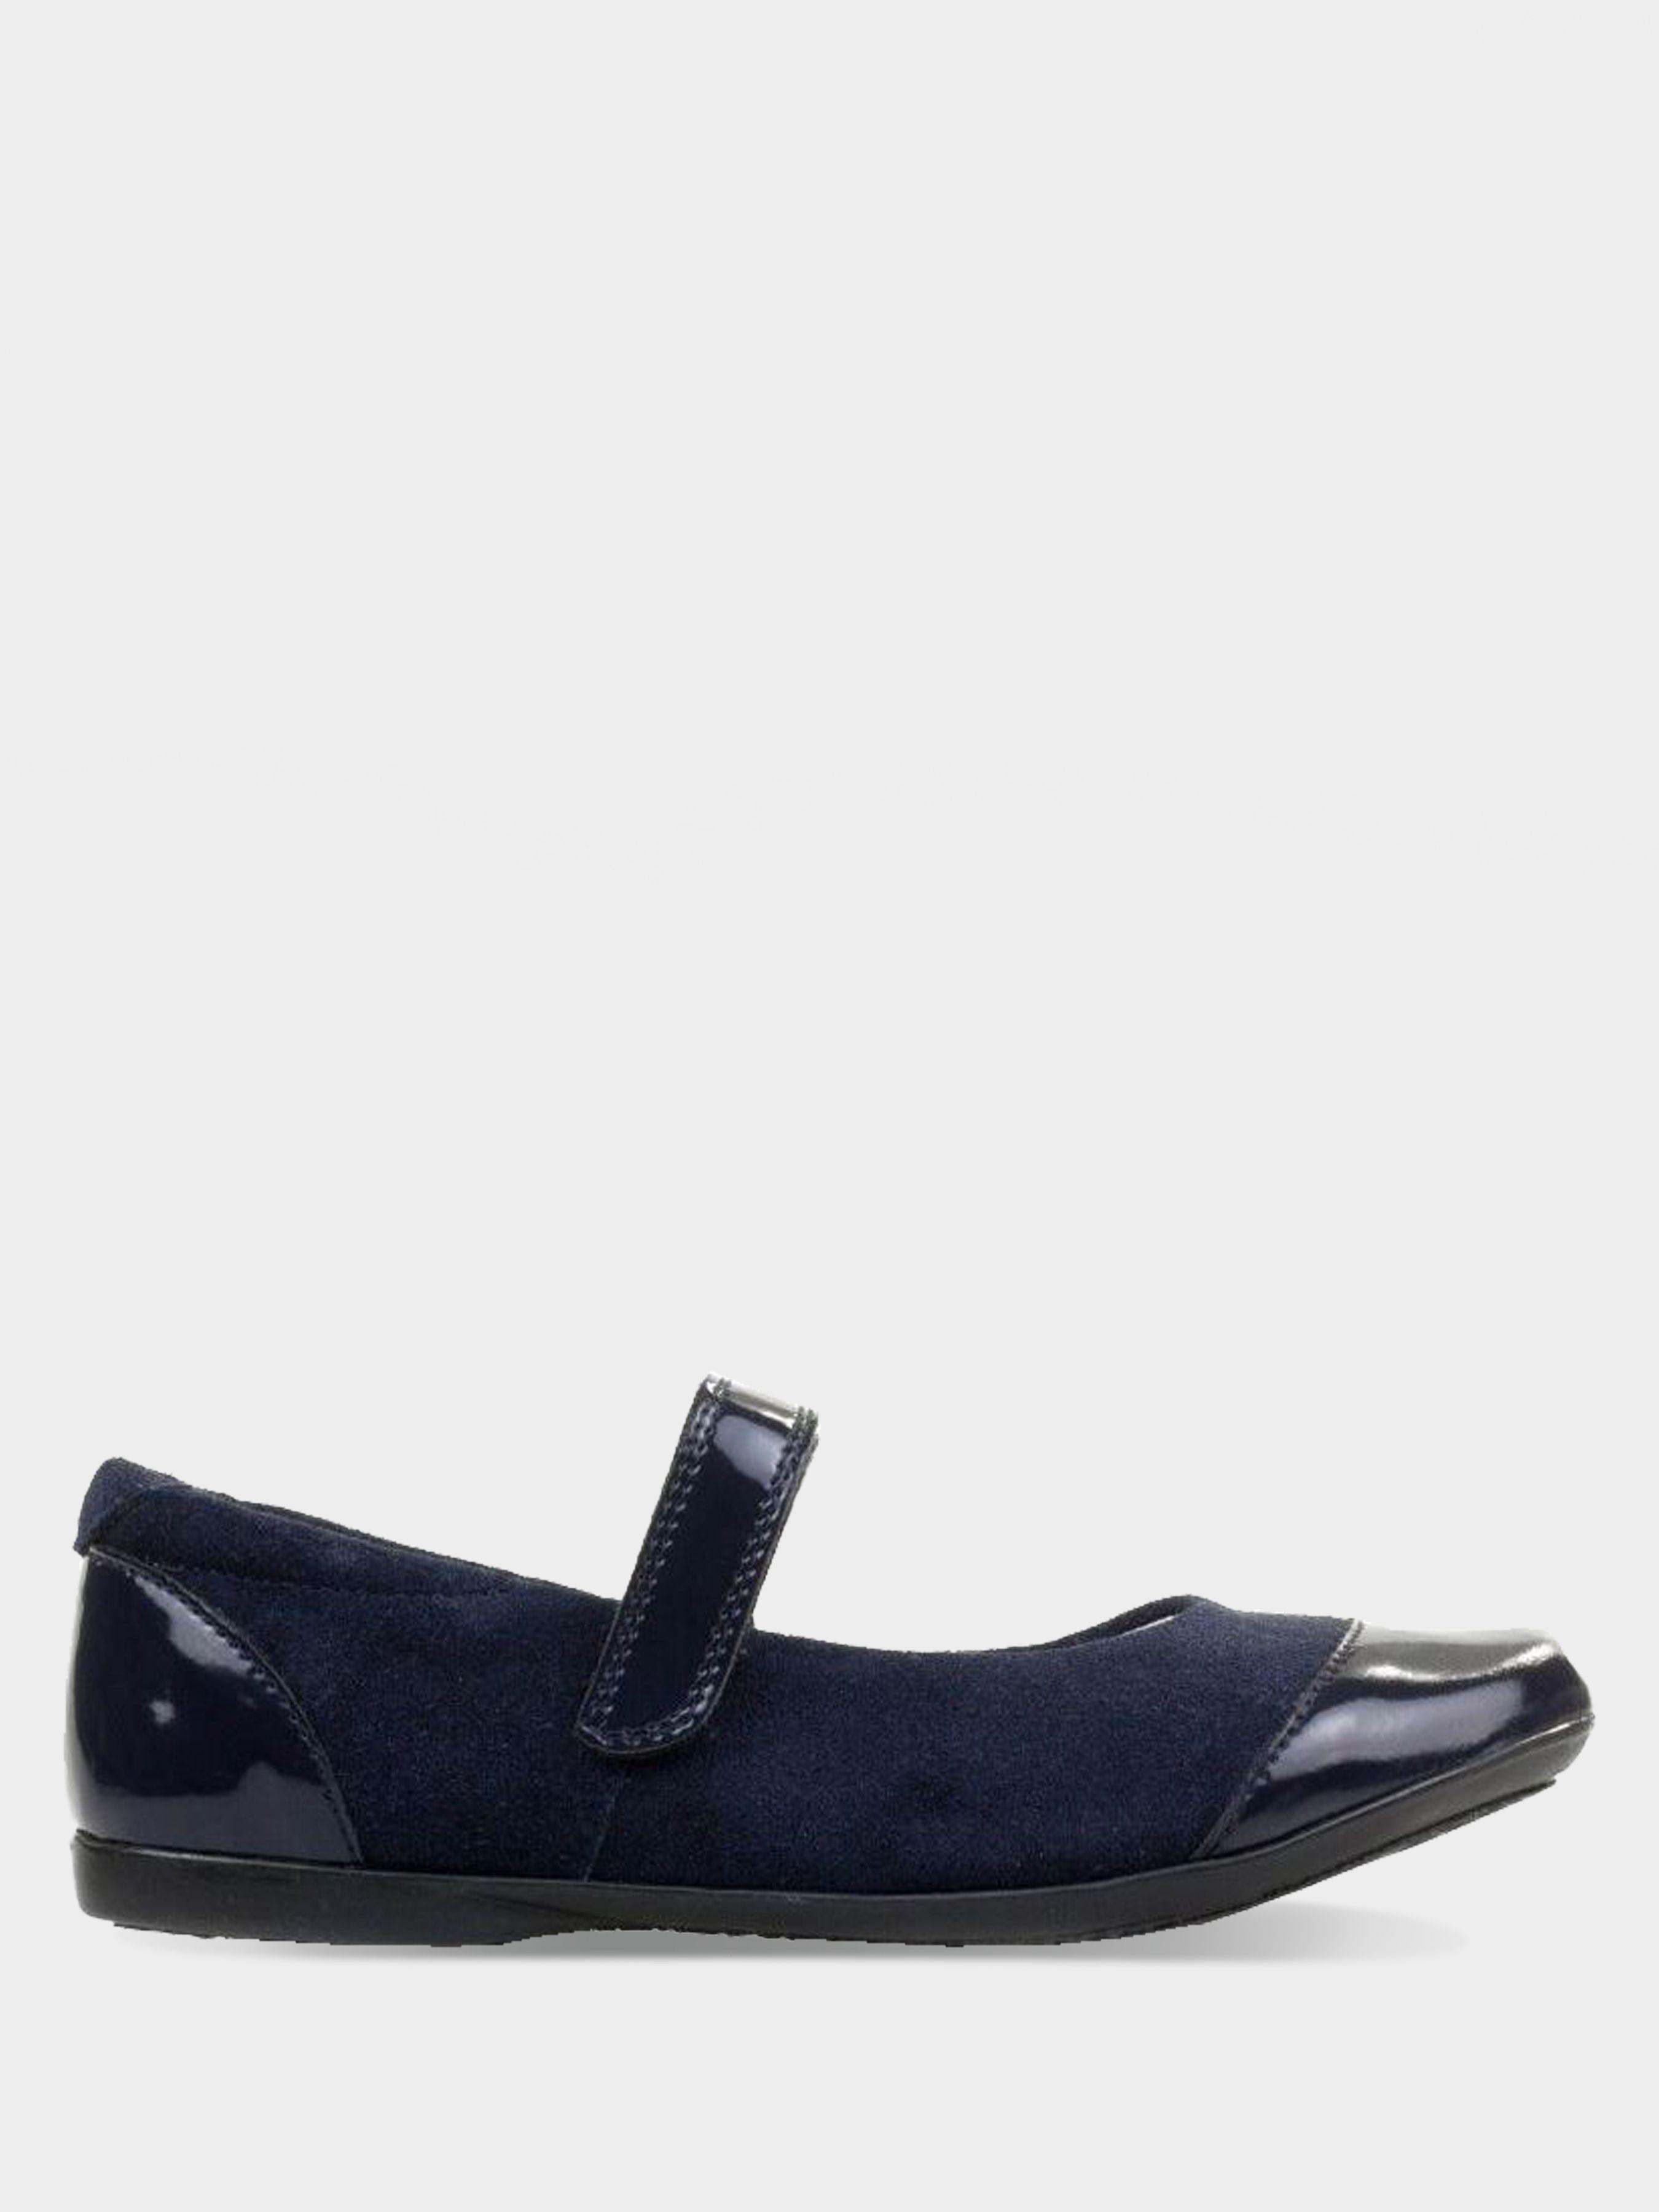 Купить Туфли детские Braska AE154, Синий